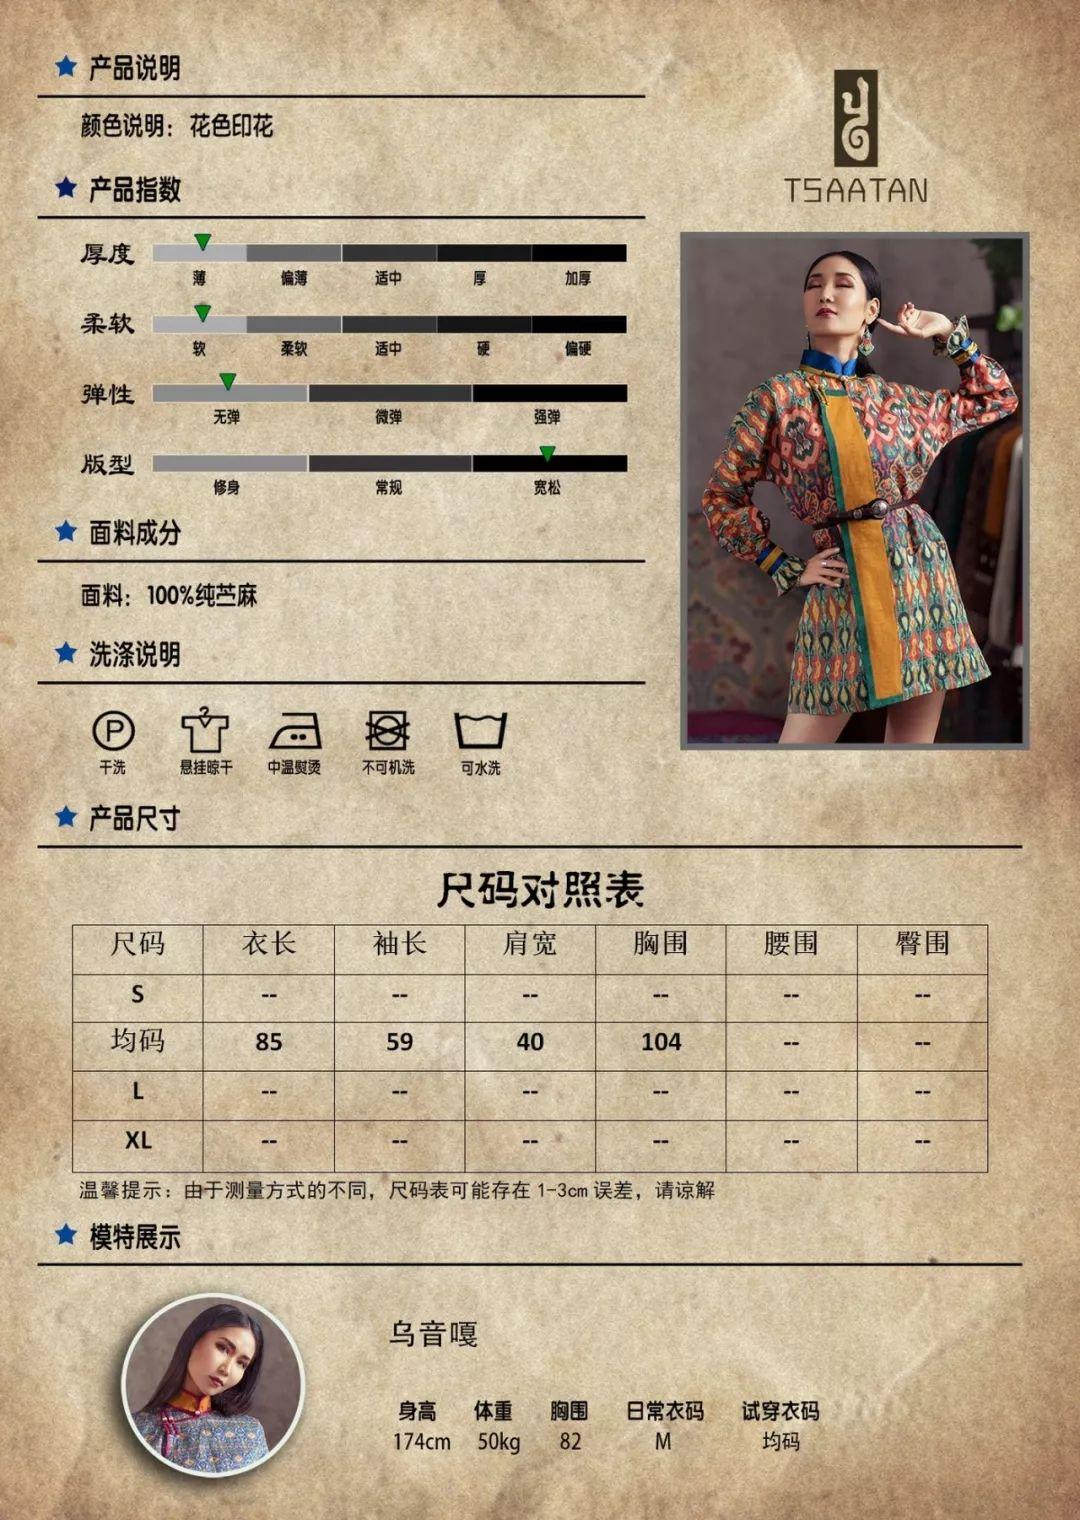 TSAATAN蒙古时装 2019新款,来自驯鹿人的独特魅力! 第76张 TSAATAN蒙古时装 2019新款,来自驯鹿人的独特魅力! 蒙古服饰